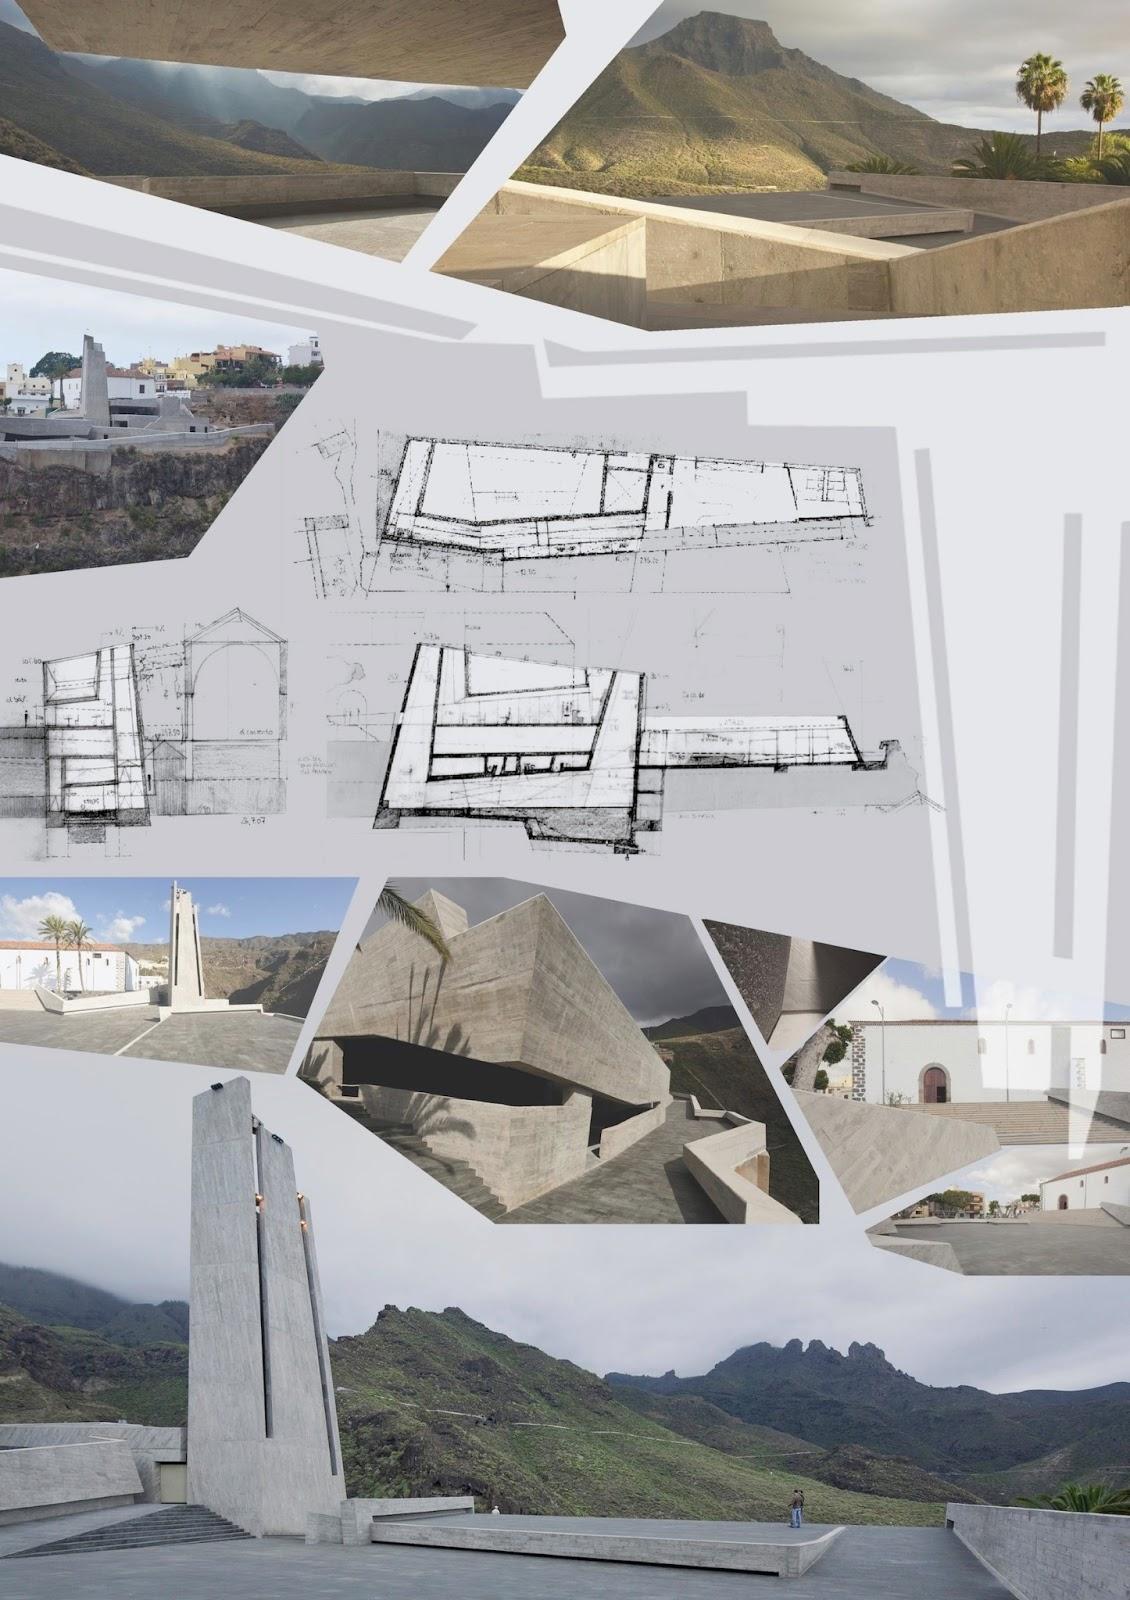 Apuntes revista digital de arquitectura plaza adeje en - Arquitectos en tenerife ...